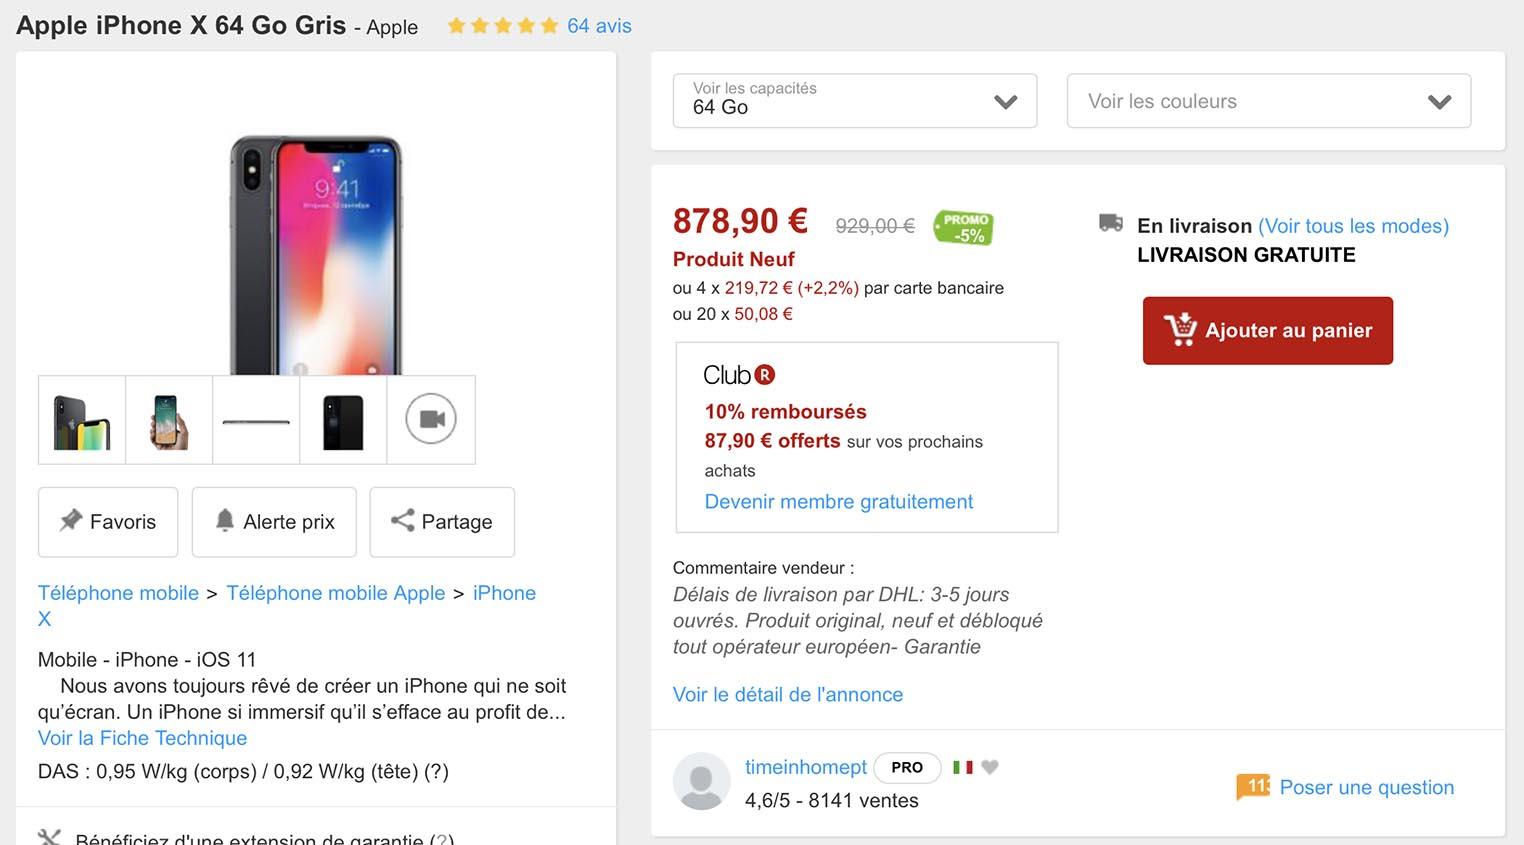 iPhone X promo Rakuten